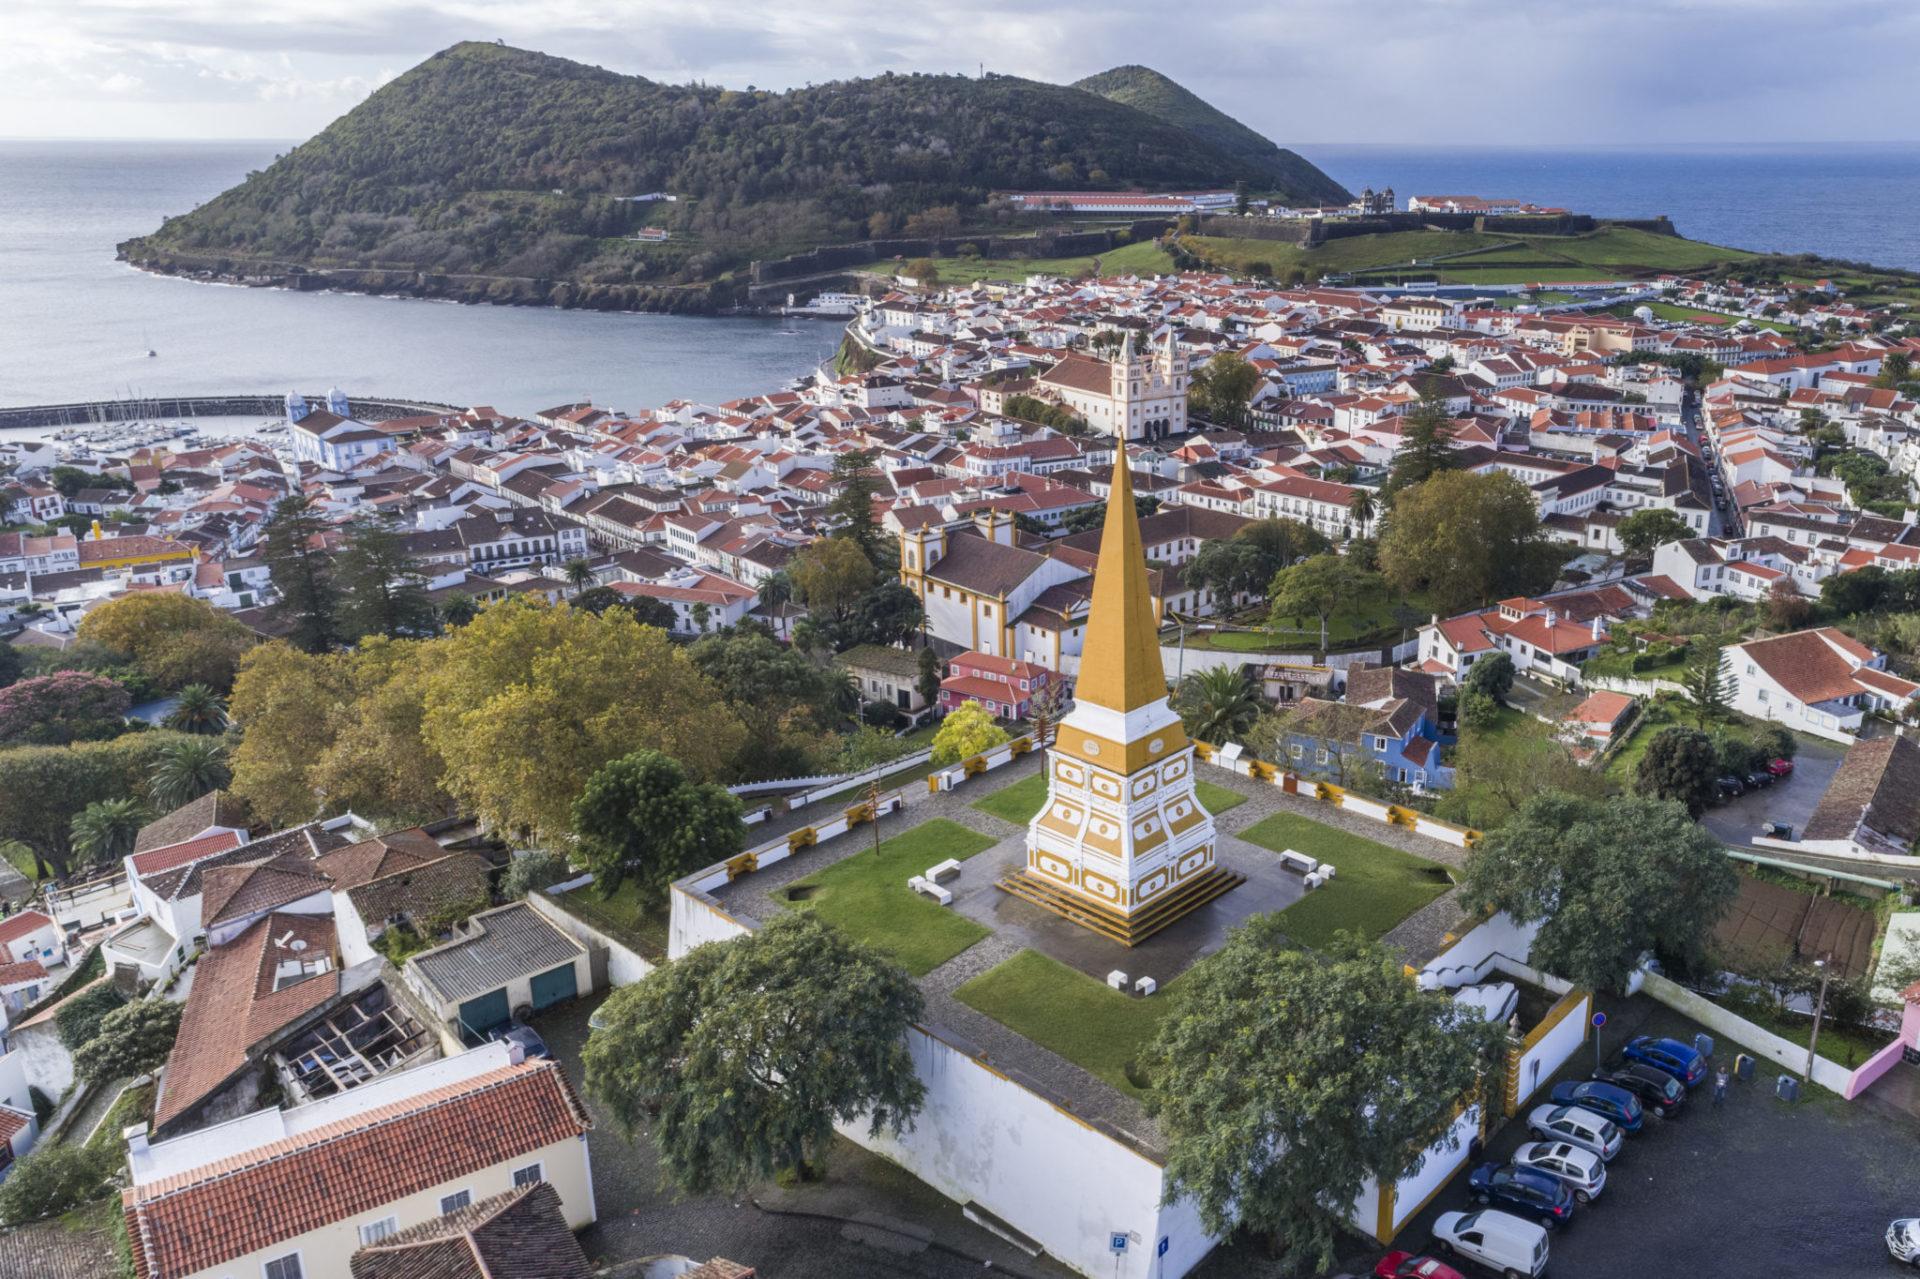 Castelo-de-Moinhos-AADJI_0161-HDR